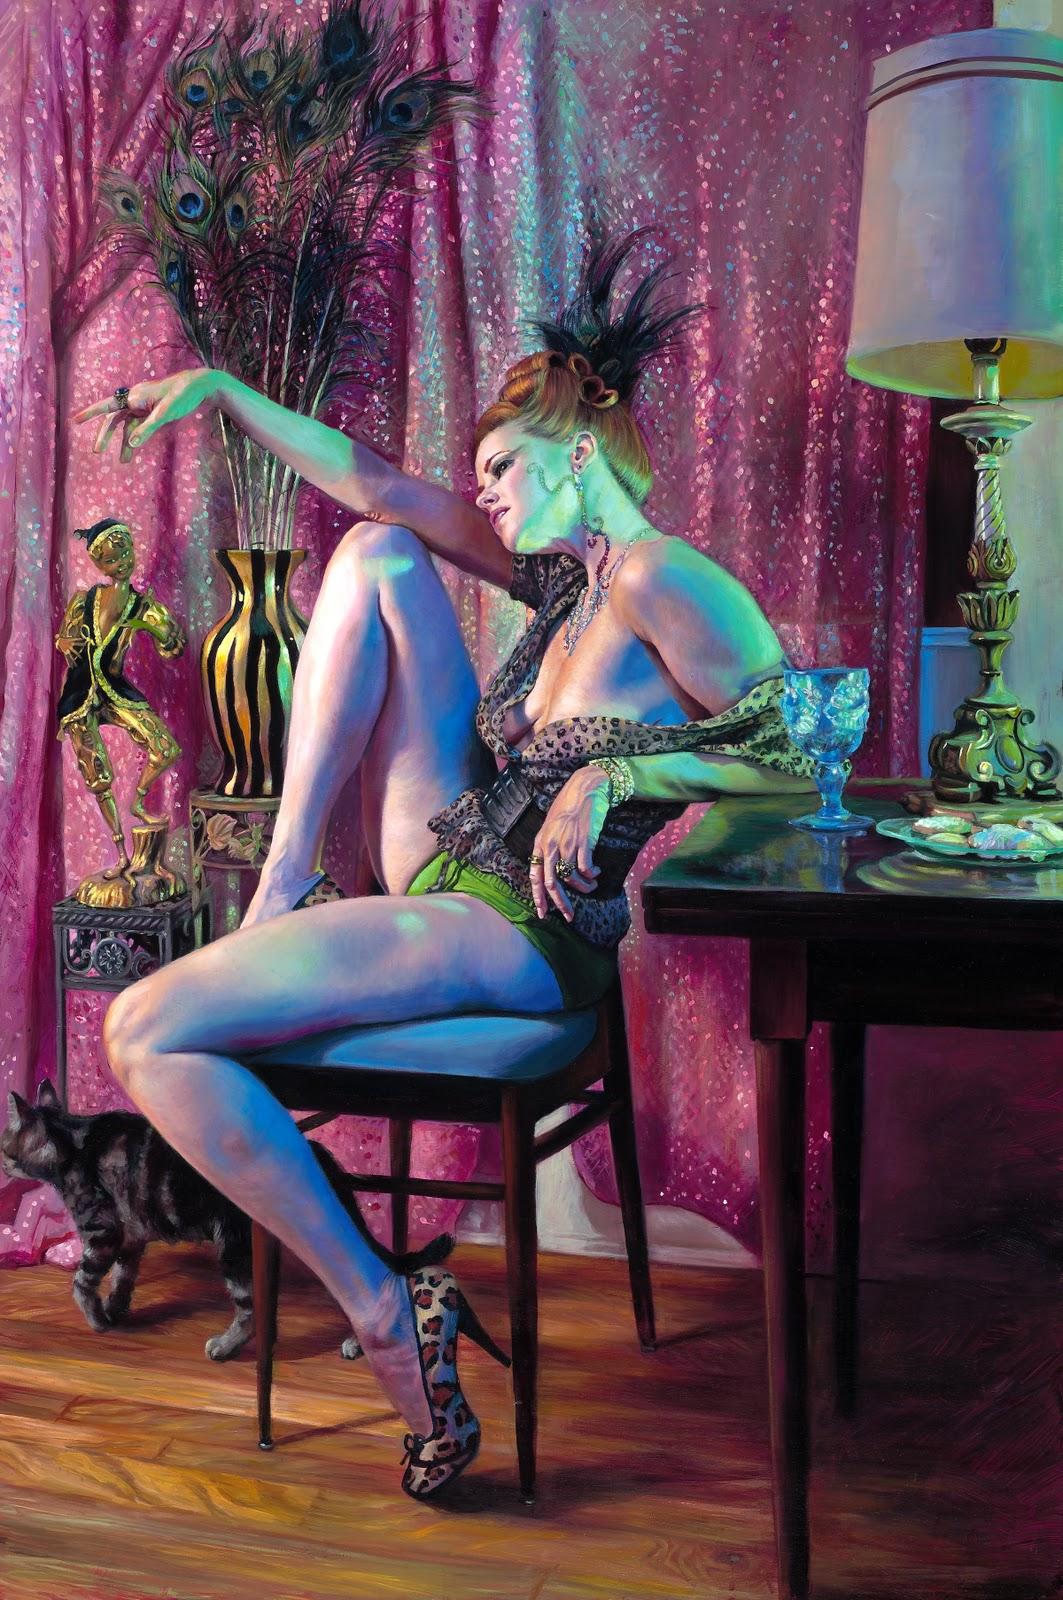 http://3.bp.blogspot.com/-5VR30ee7ajQ/TxXALdb20NI/AAAAAAAAJaM/pvr_LENJgmg/s1600/%2528huge%2529+peacock+dancer+Natalia+Fabia+at+godammit.com.jpg